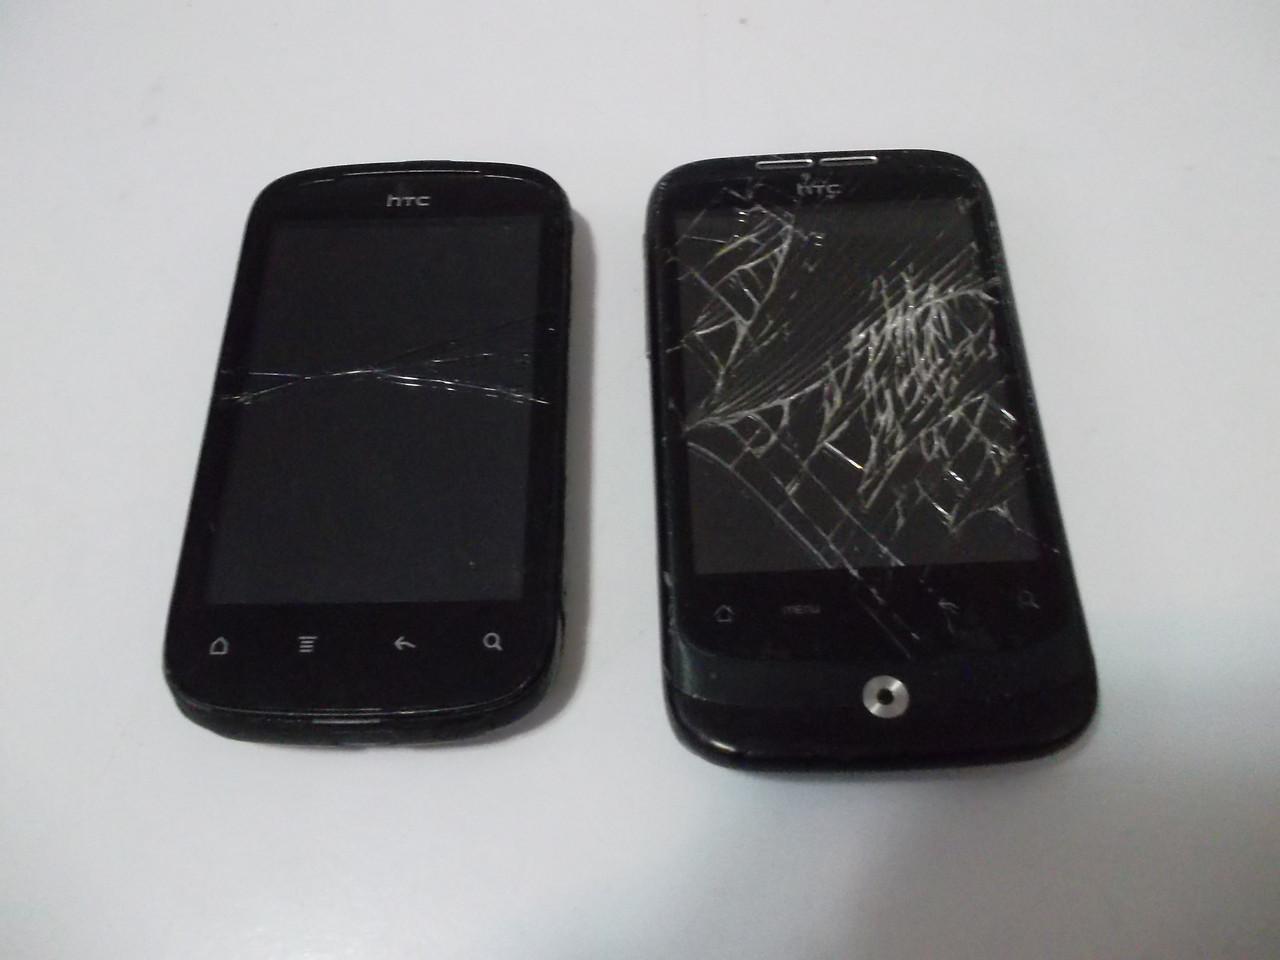 Мобильный телефон HTC desire A3333 и HTC Explorer №3640